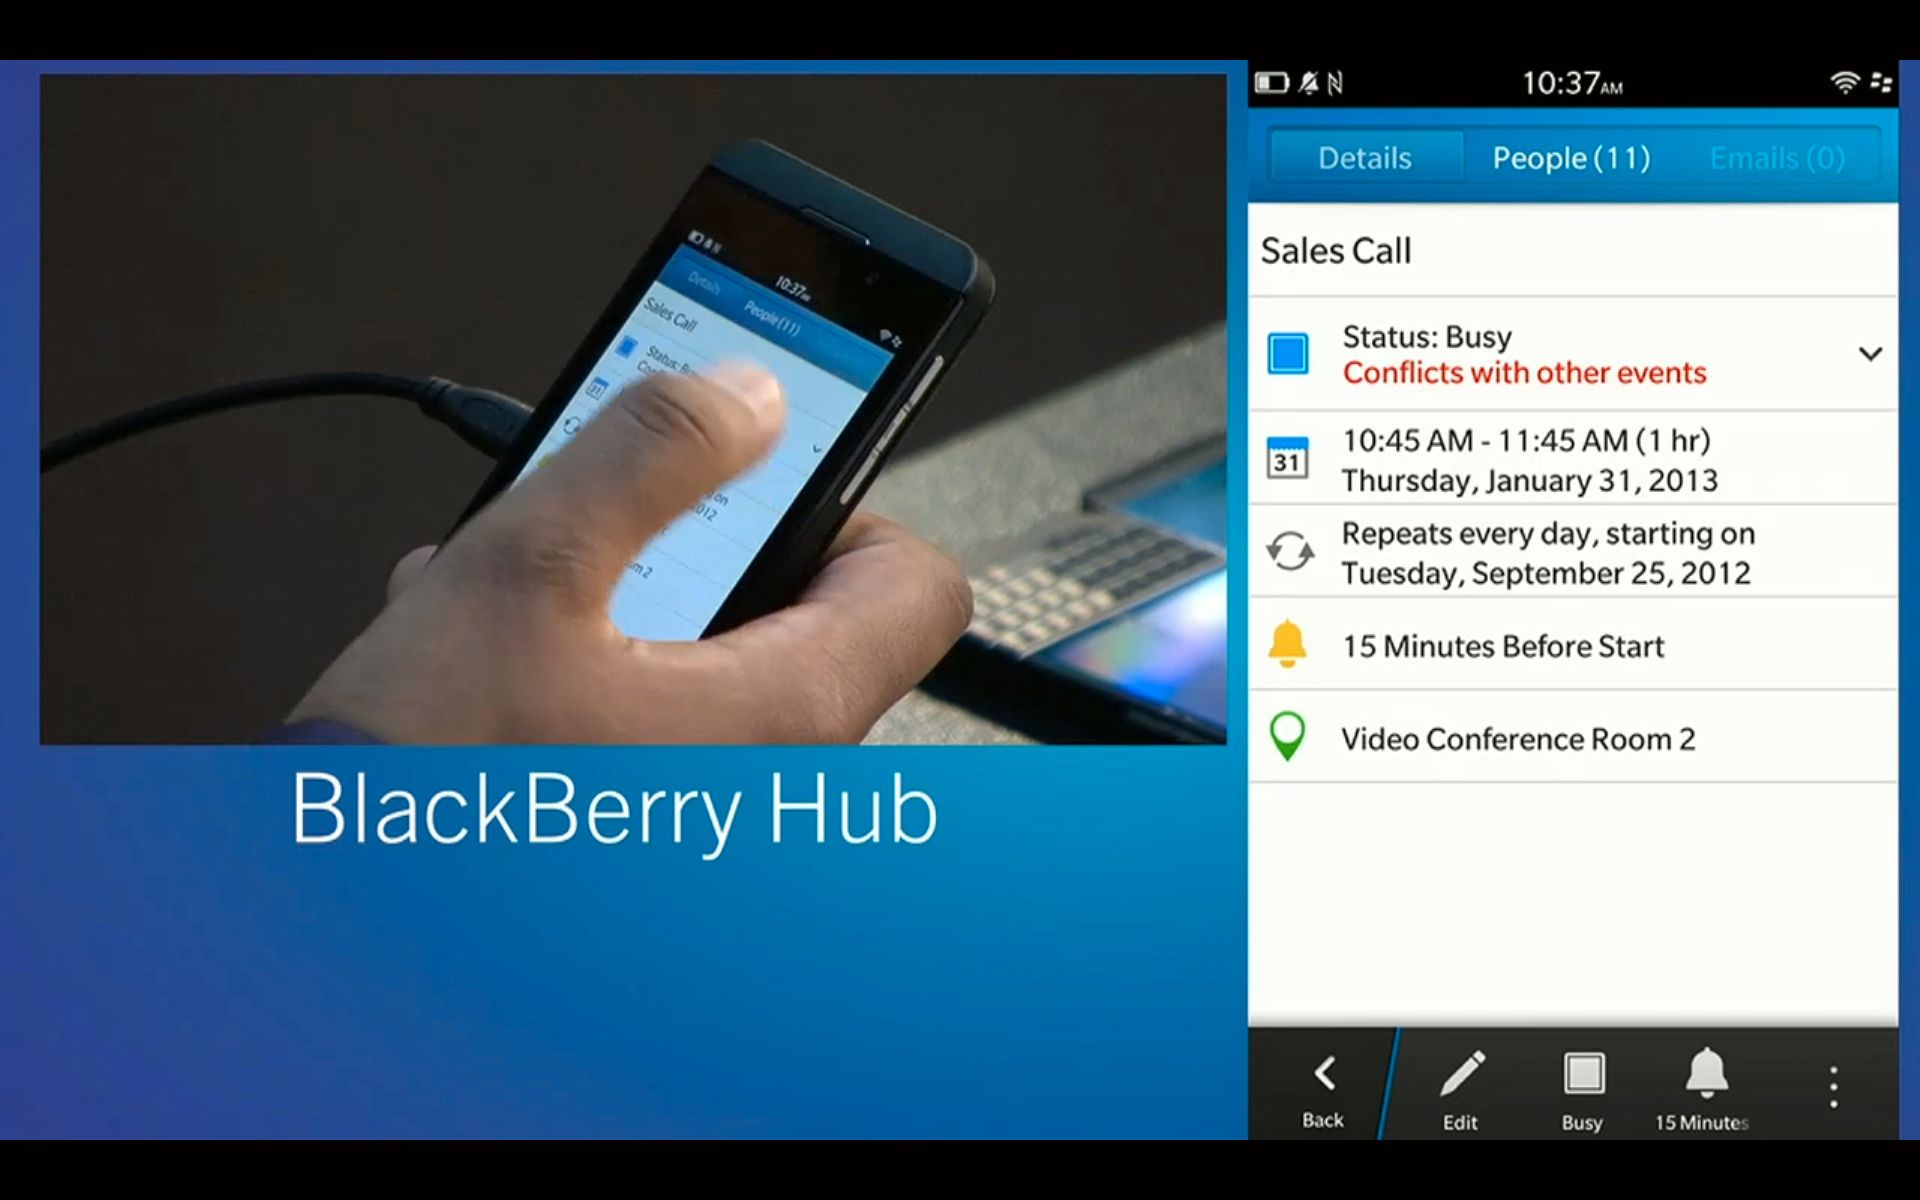 Bak applikasjonen som kjører vil du som regel finne BlackBerry Hub. Denne appen er en slags felles innboks for alle kontoene du har knyttet til telefonen, enten det er Facebook eller e-post og SMS.